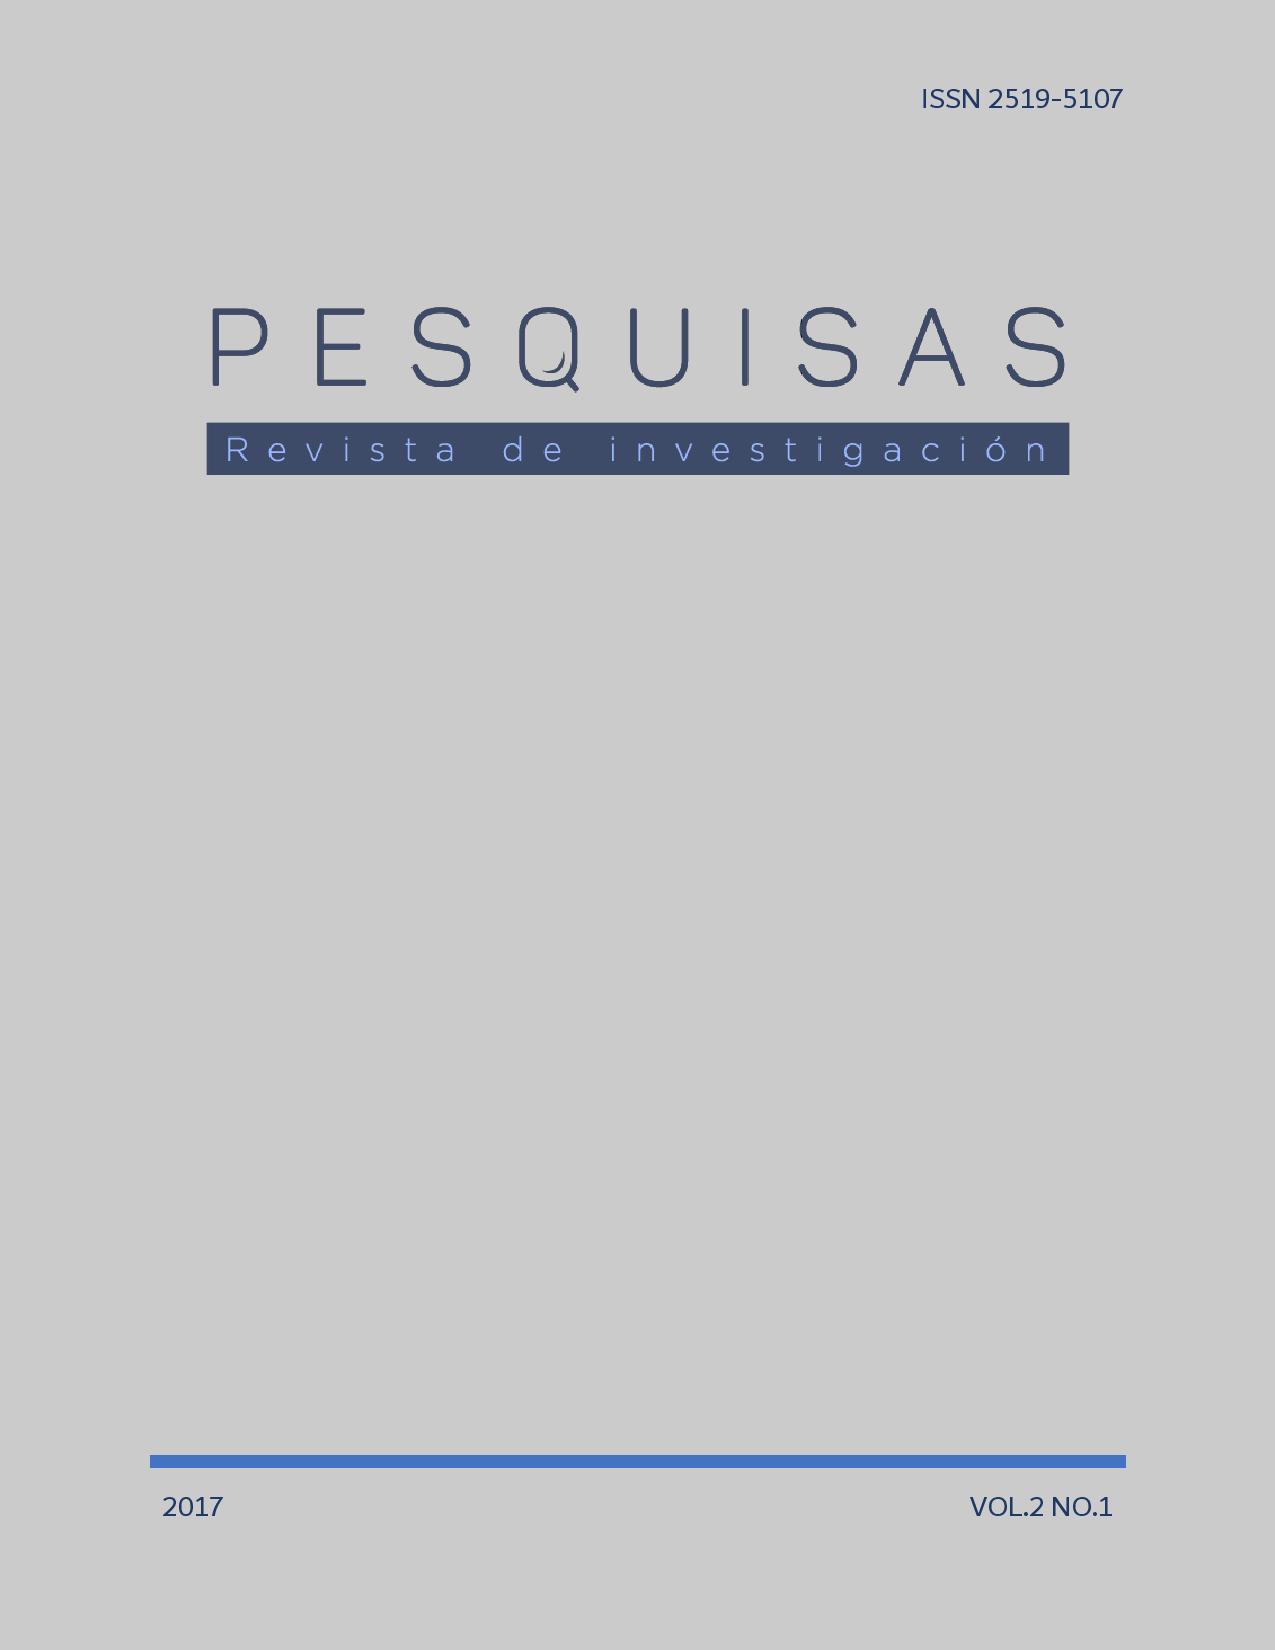 Pesquisas Vol.2, No. 1, Año 2017